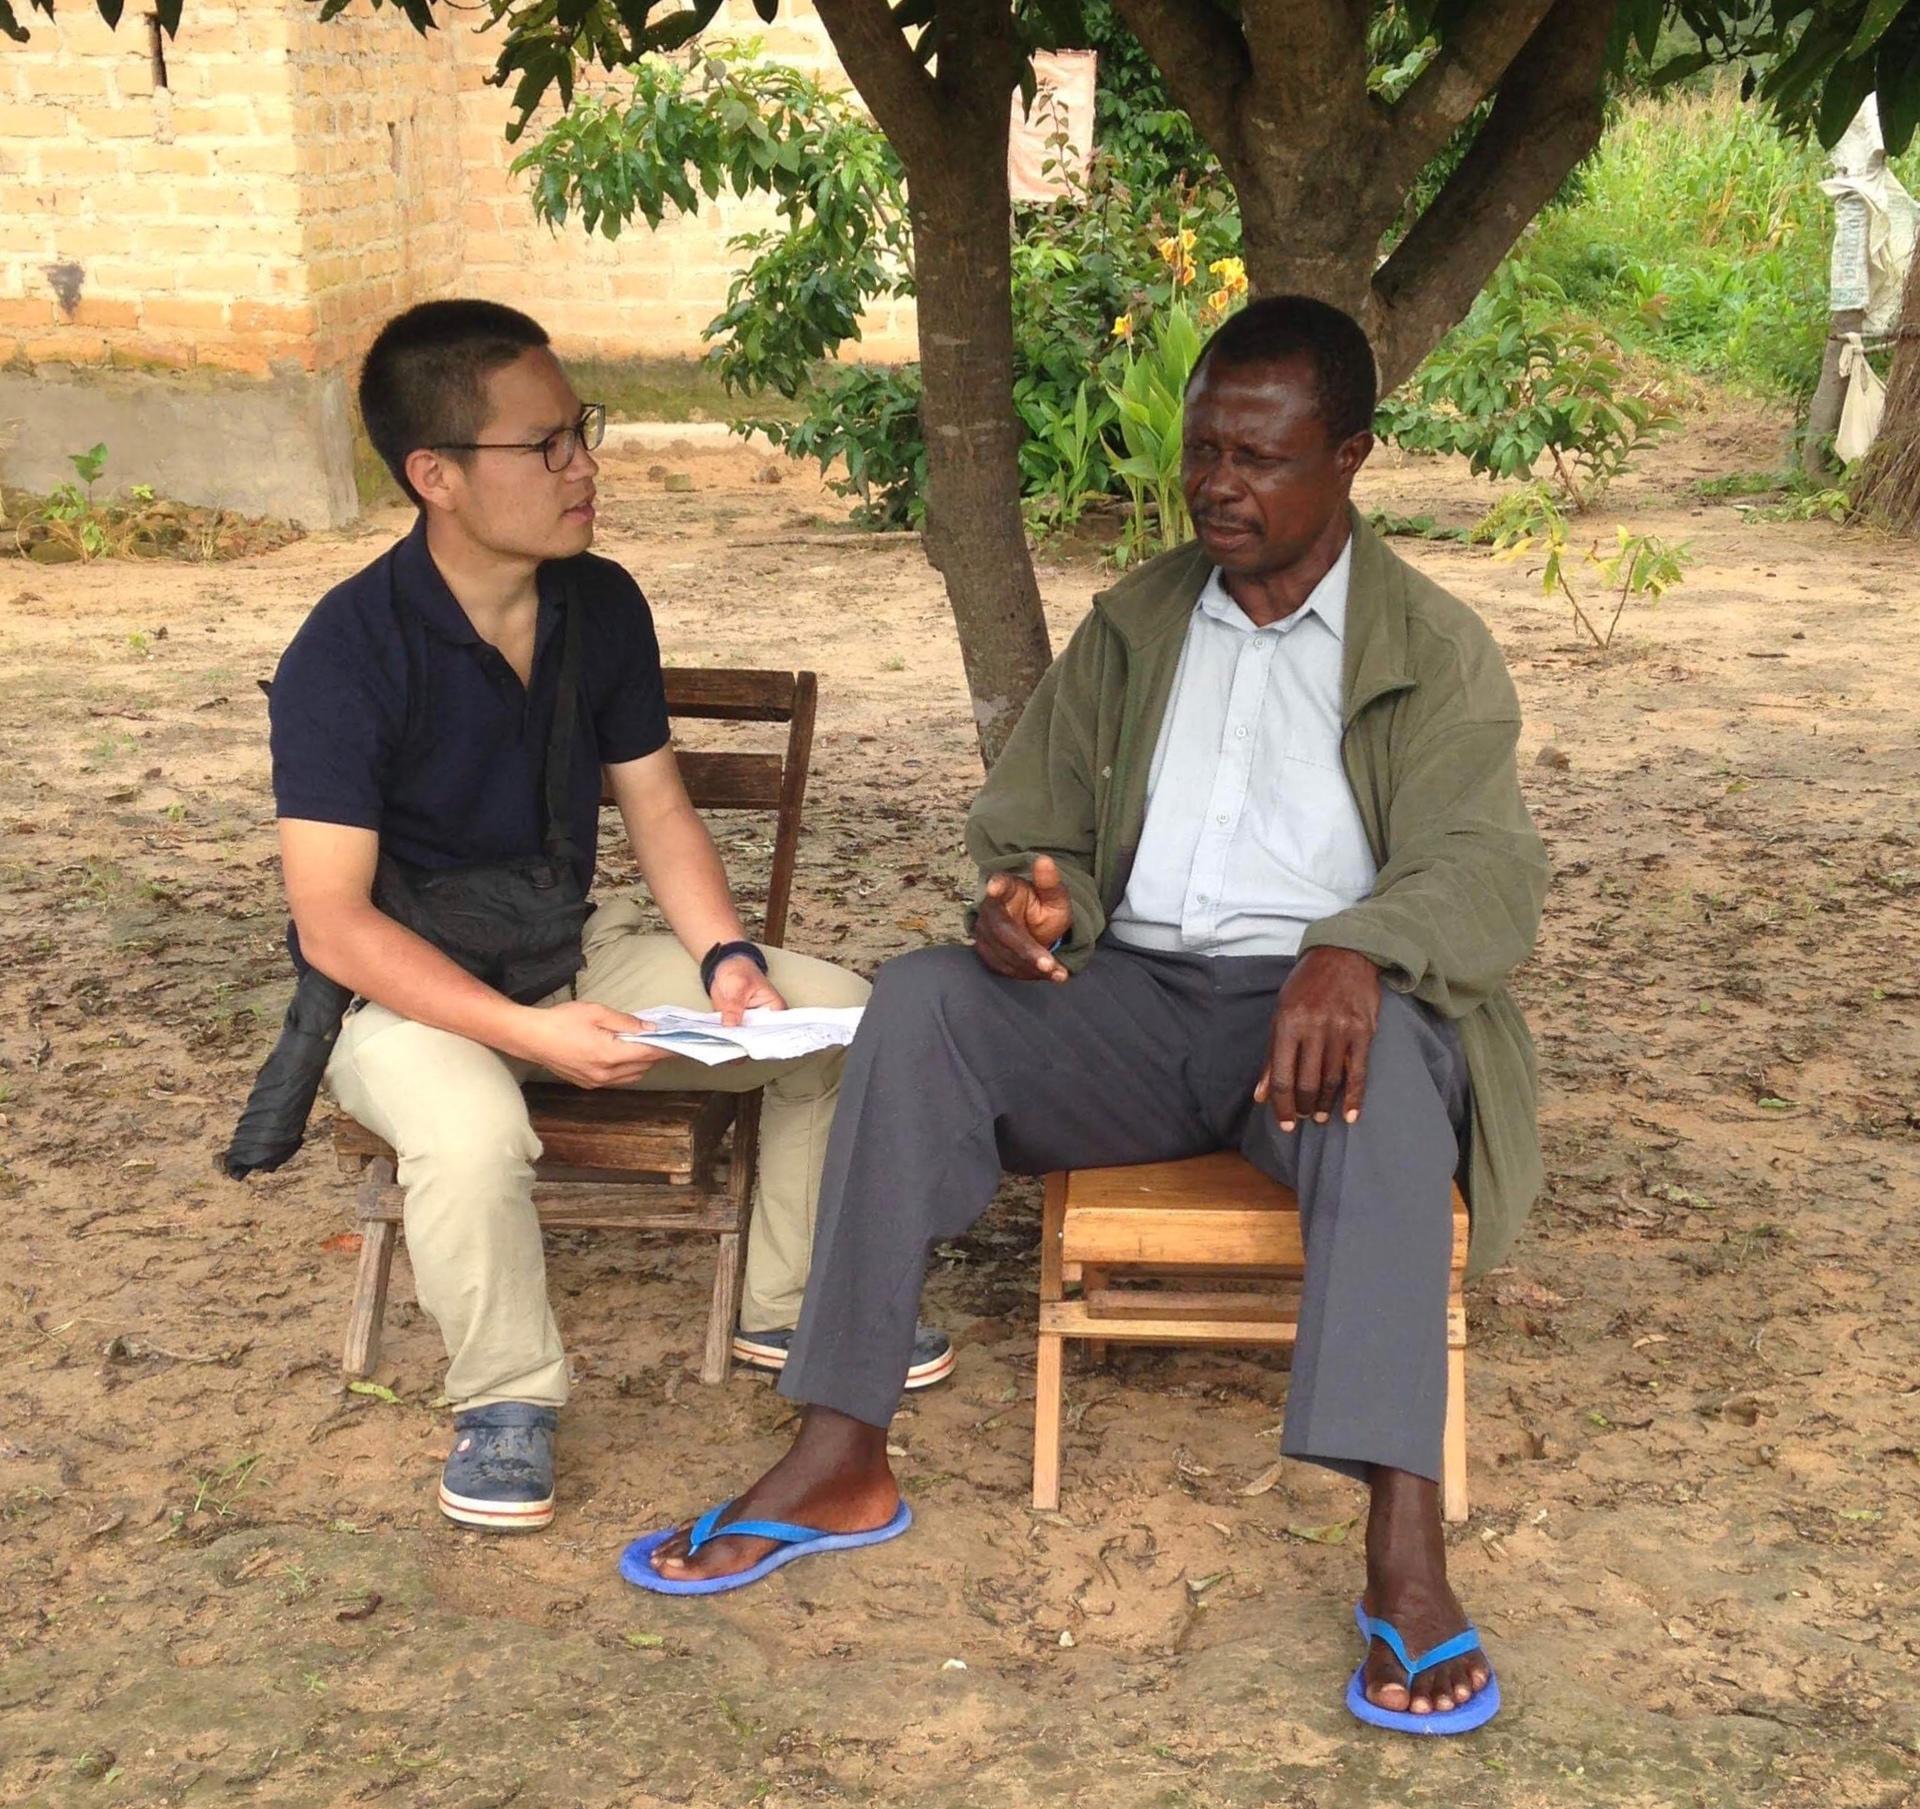 笑顔を見るためのザンビア訪問で流した涙、受け身になってしまった村人。